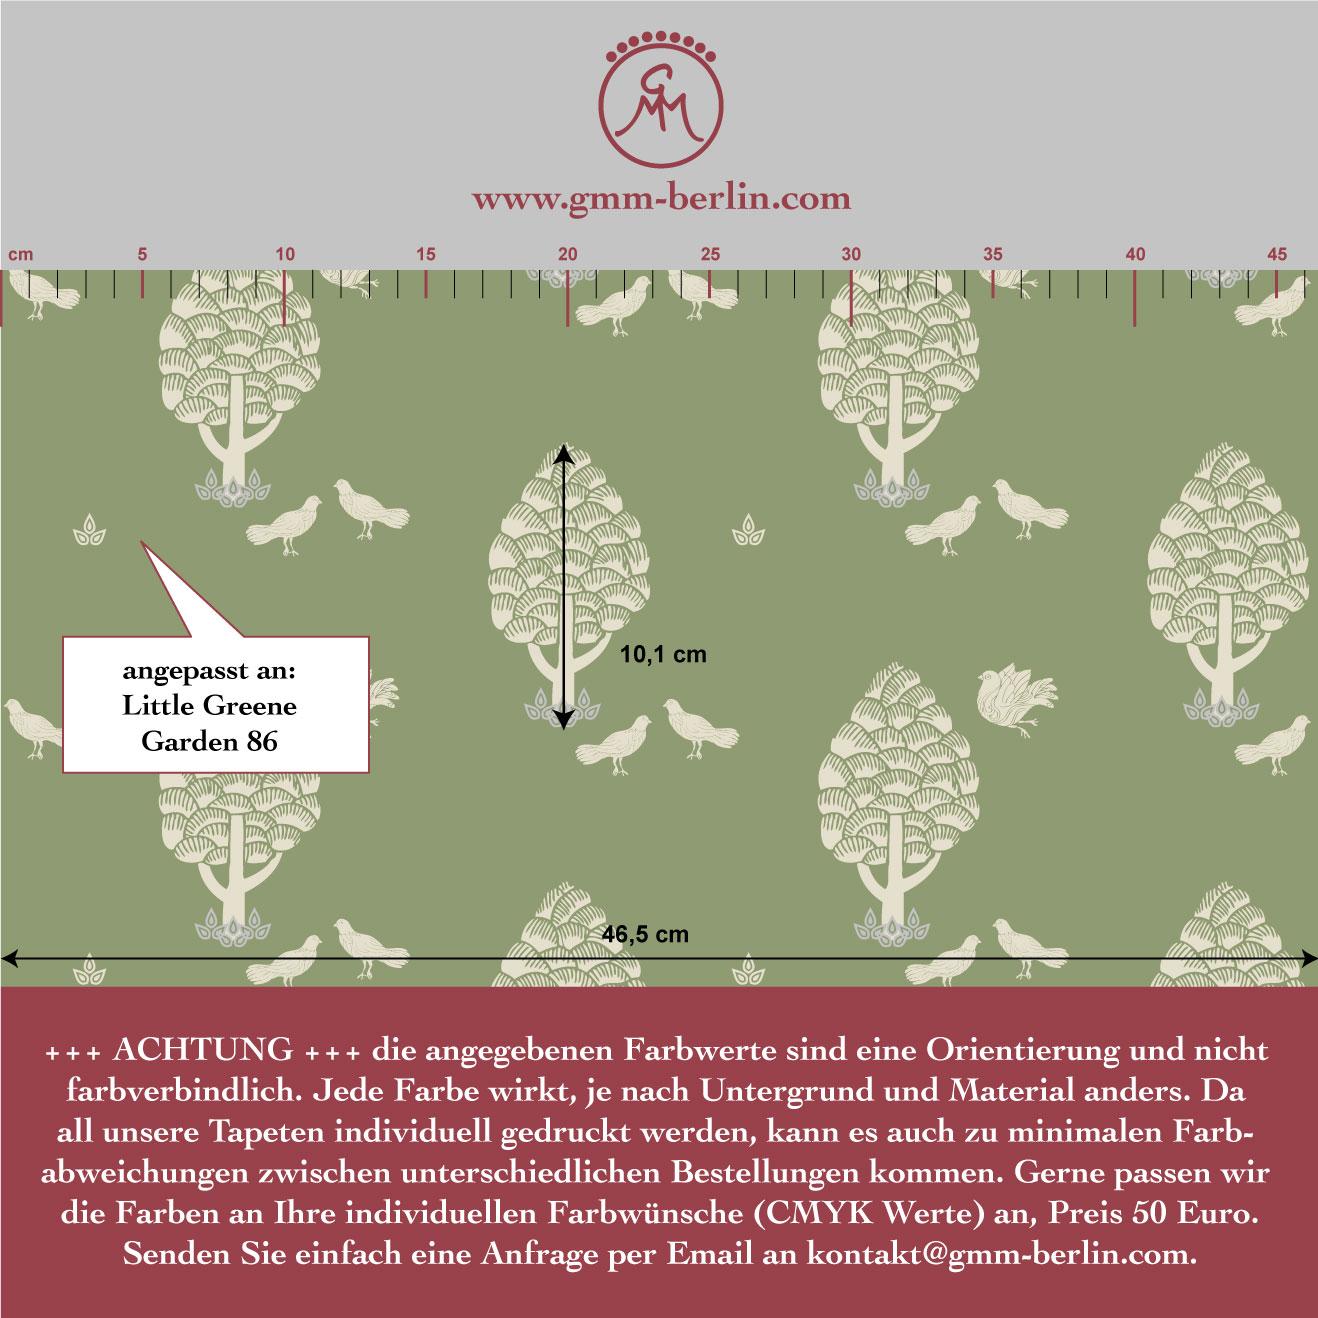 Grüne Central Park Tapete angepasst an Little Greene Garden 86 3